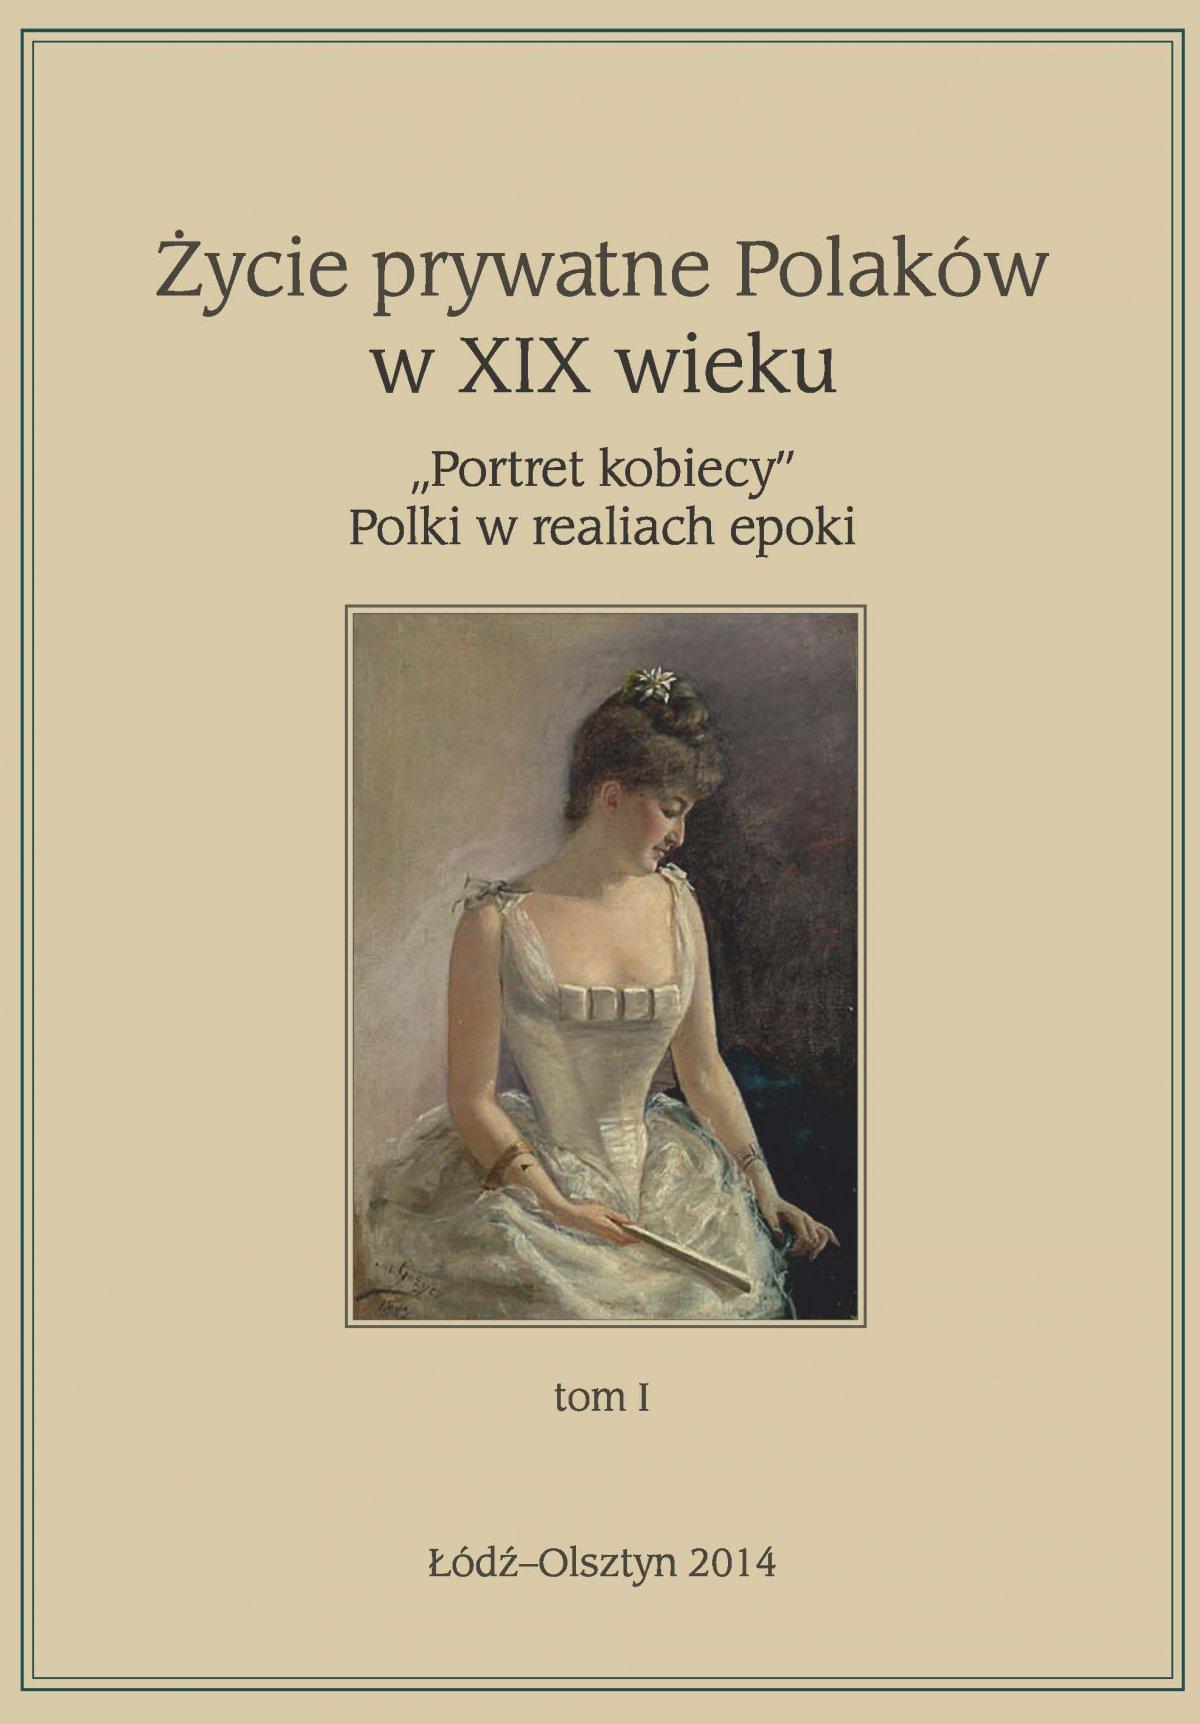 """Życie prywatne Polaków w XIX w. """"Portret kobiecy"""" Polki w realiach epoki. Tom 1 - Ebook (Książka PDF) do pobrania w formacie PDF"""